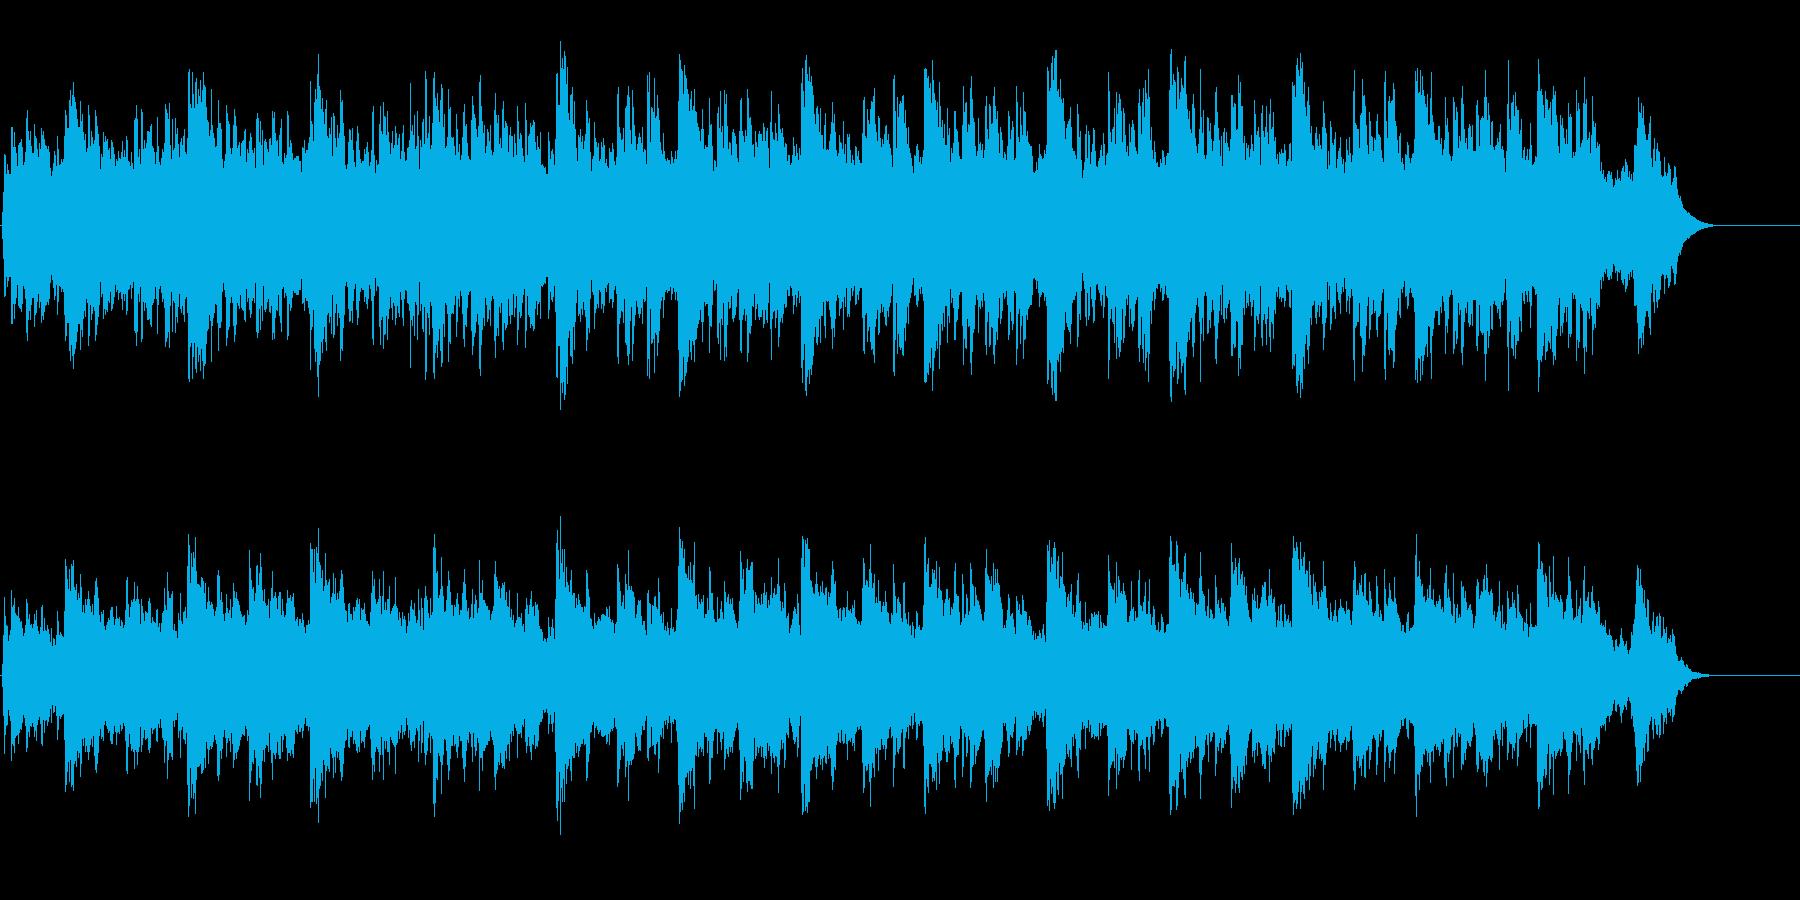 神秘的なサイエンス・タッチの環境BGの再生済みの波形